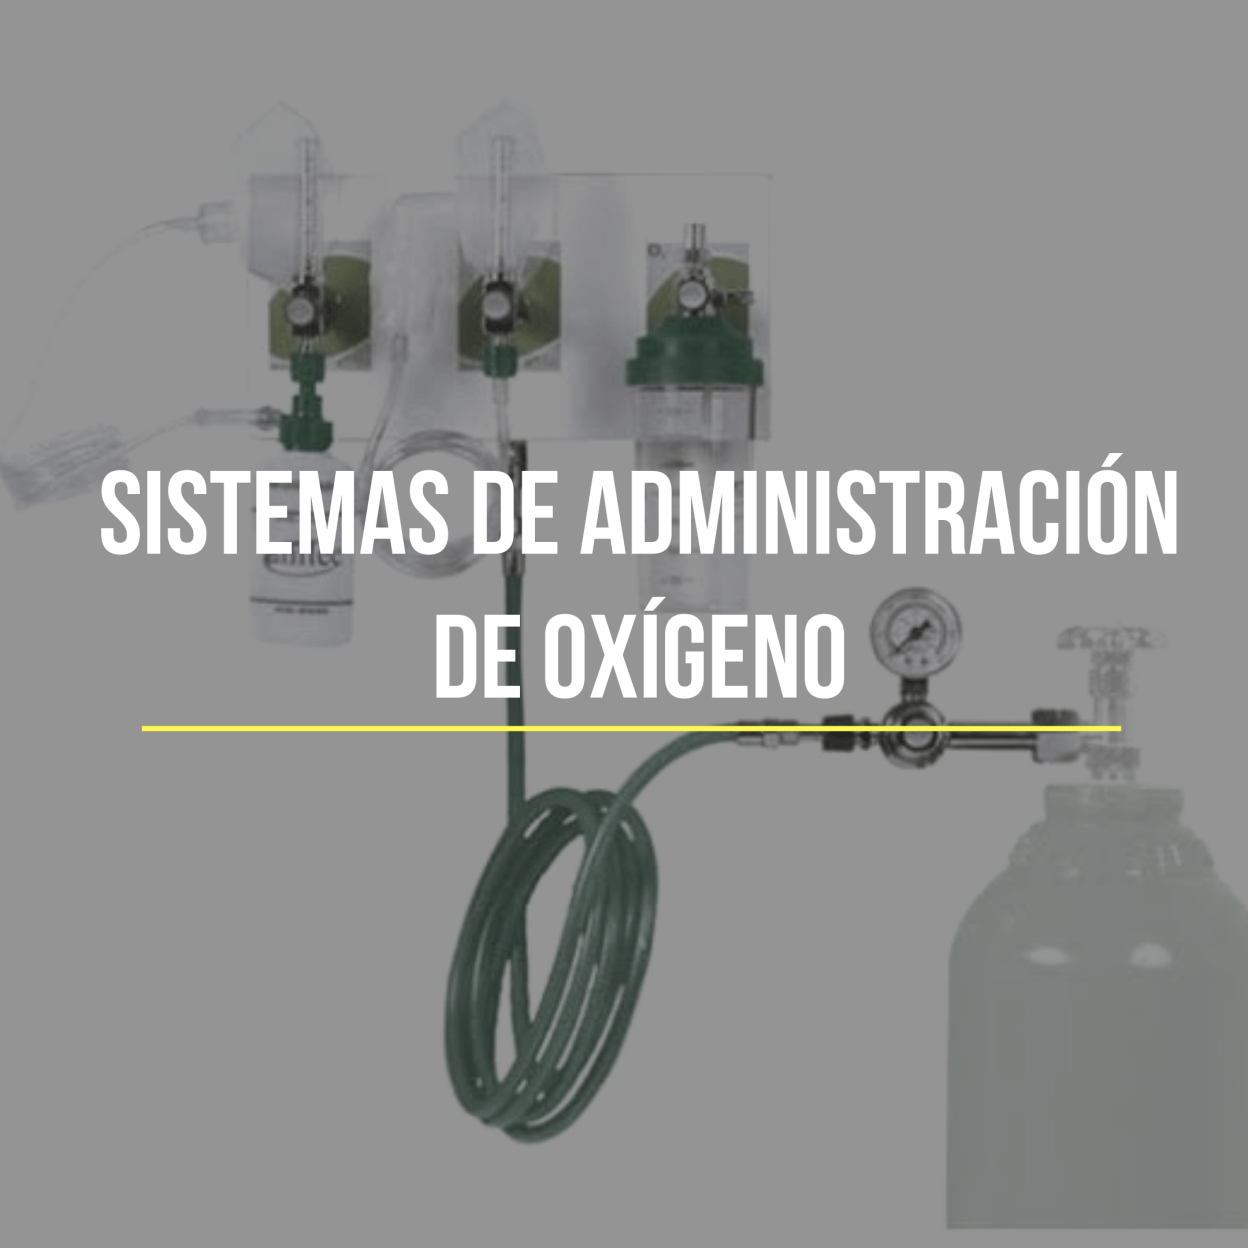 En la Oxigenoterapia se utilizan distintos sistemas de administración de oxígeno que son el conjunto de dispositivos o herramientas con los que se consigue introducir el gas en la vía aérea.